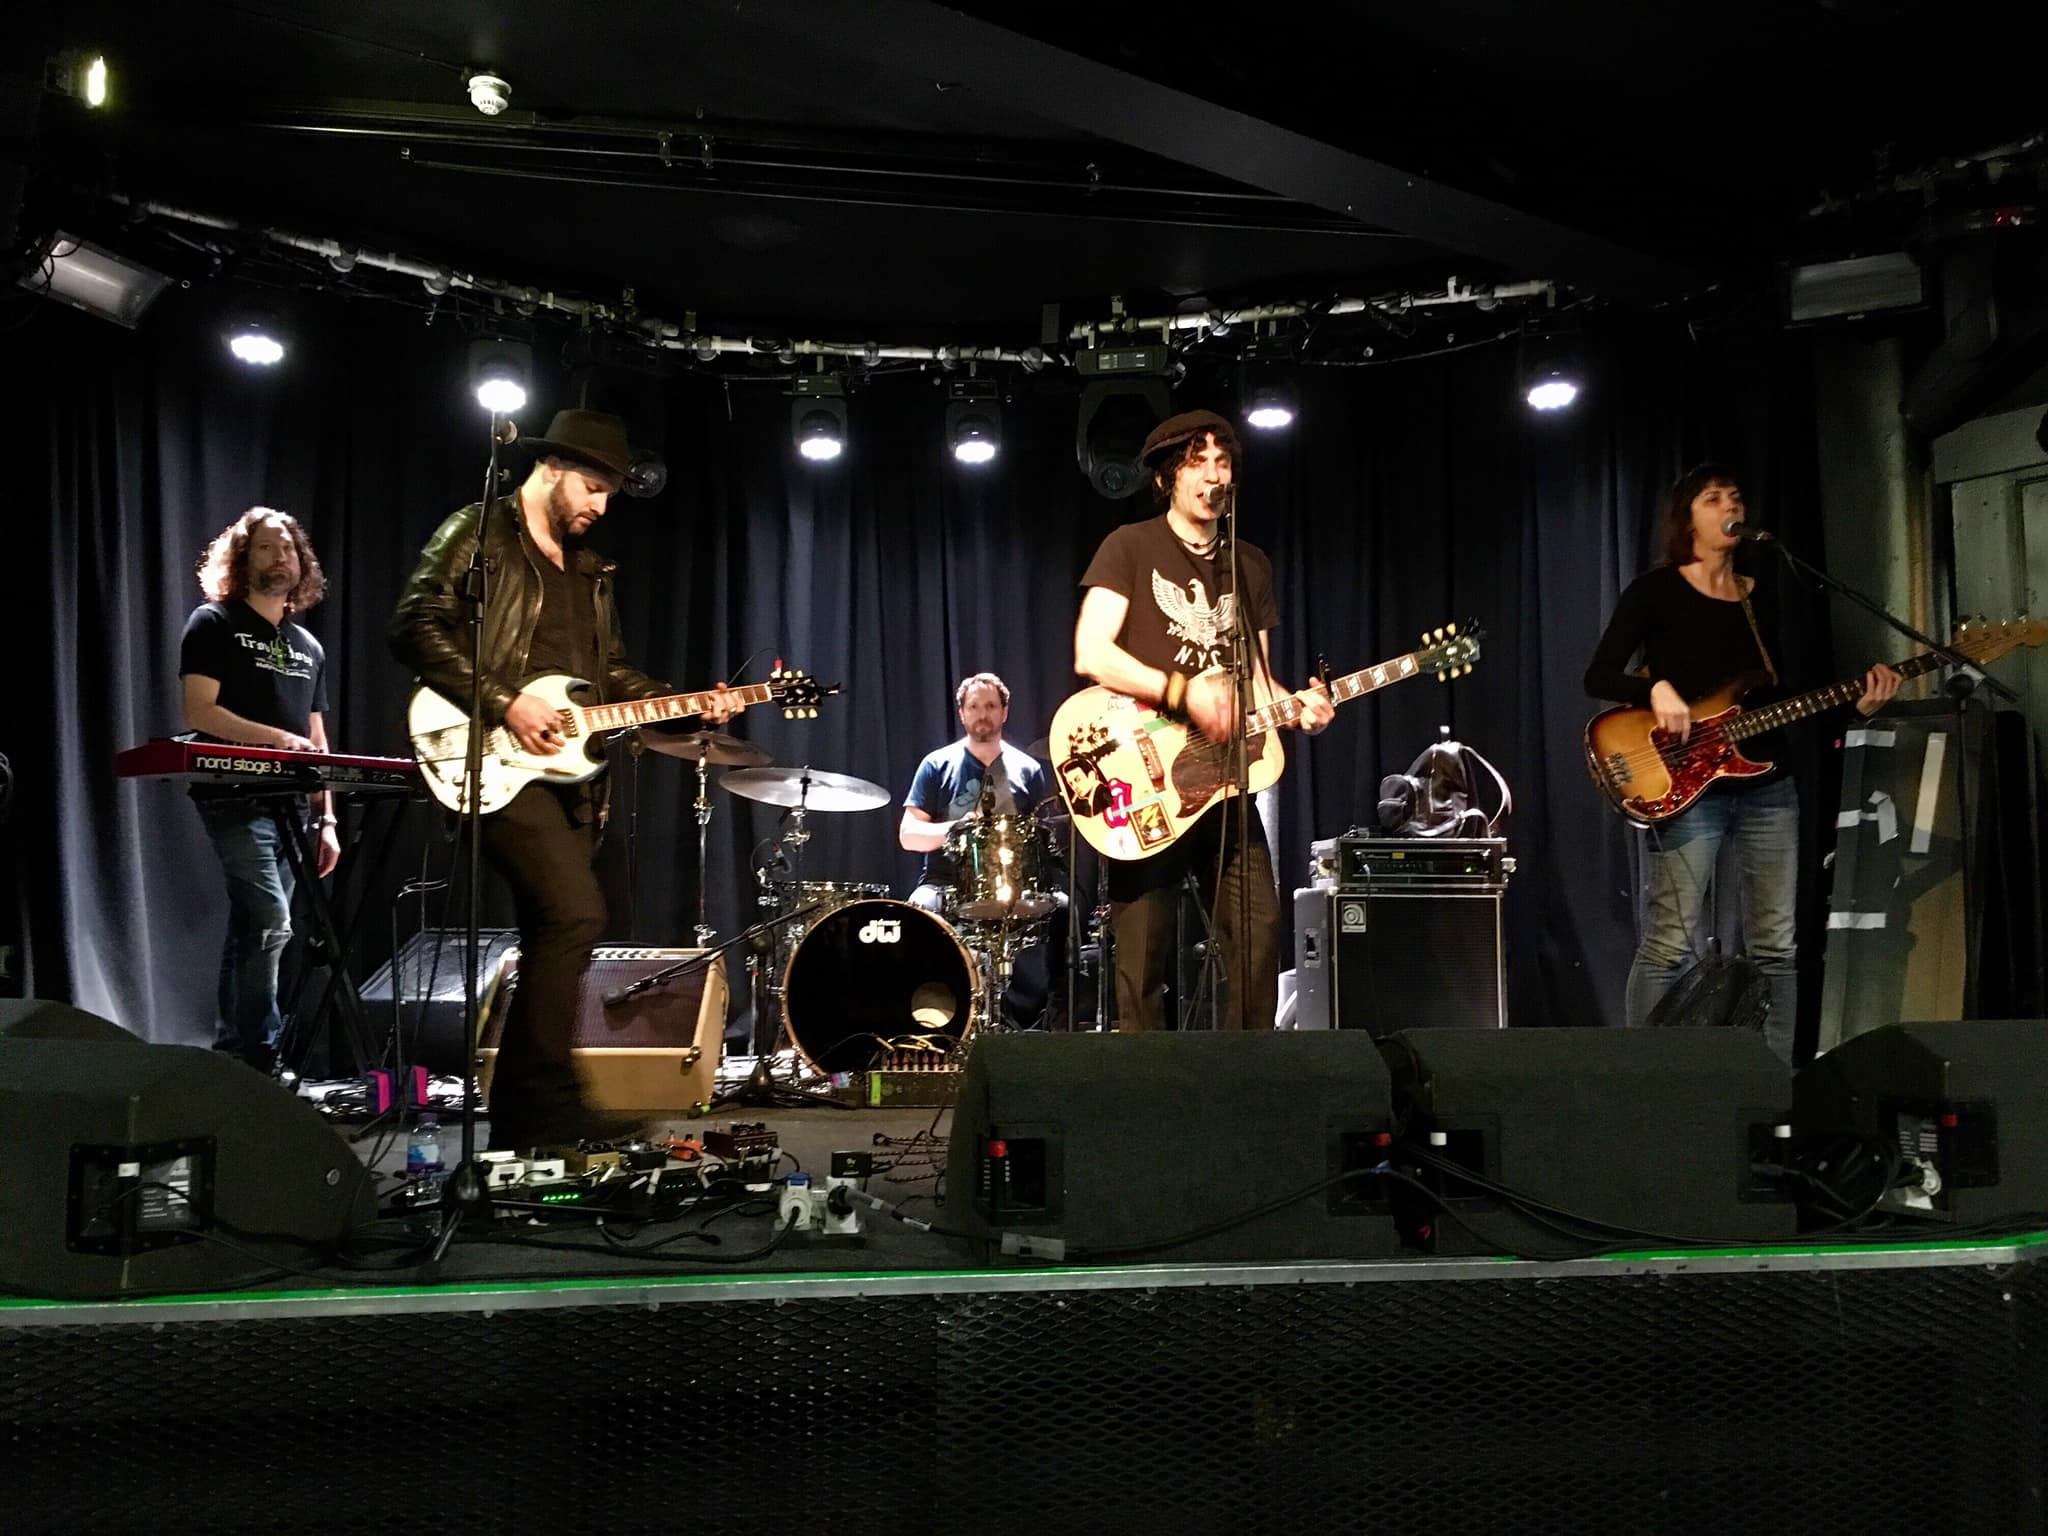 Jesse Malin band soundcheck at Limelight. (Belfast)